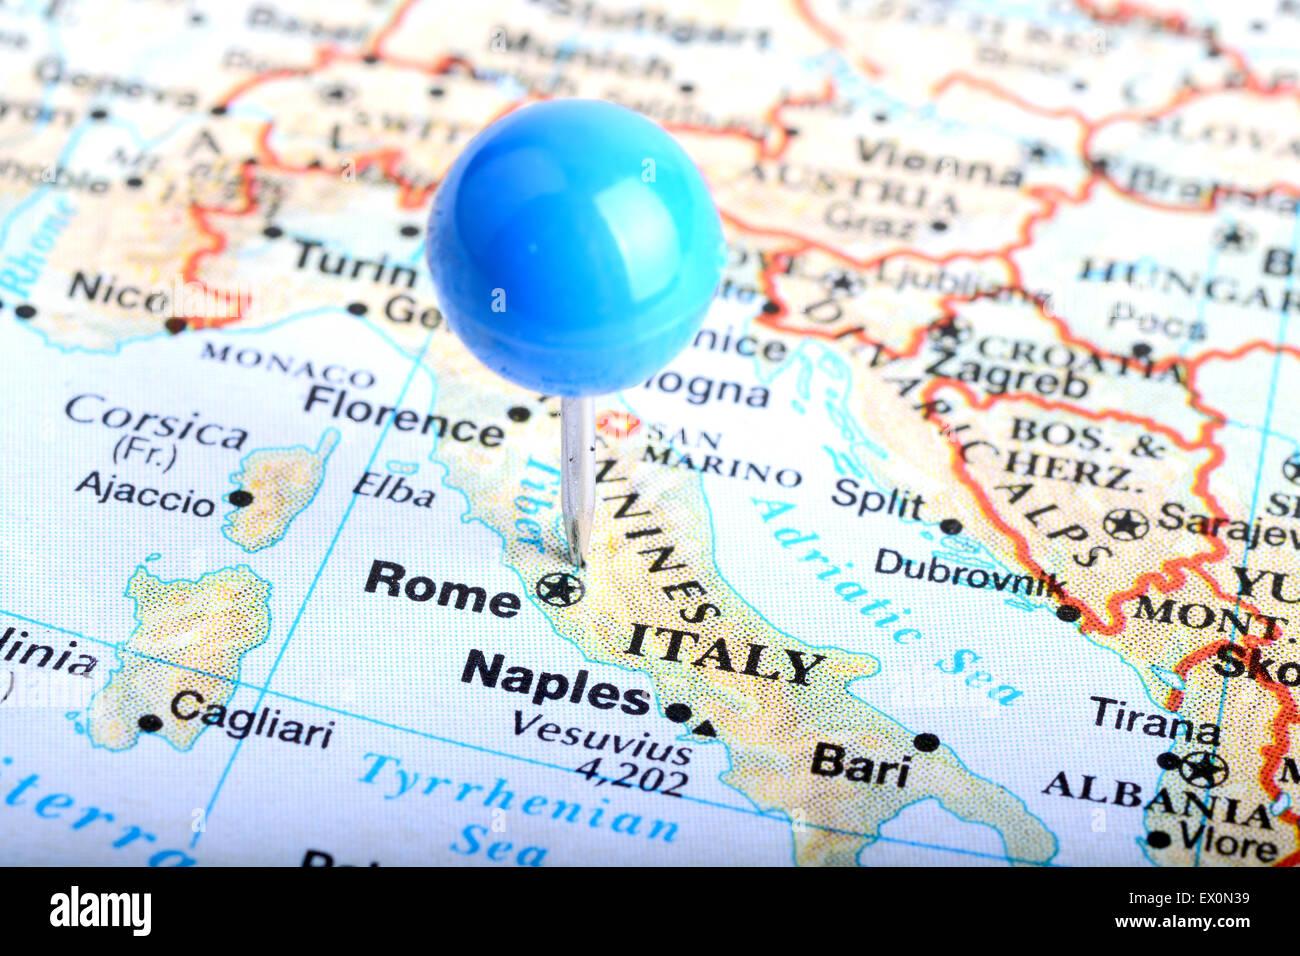 Carte De Leurope Rome.Plan Macro Sur Une Carte De L Europe Montrant Rome Italie